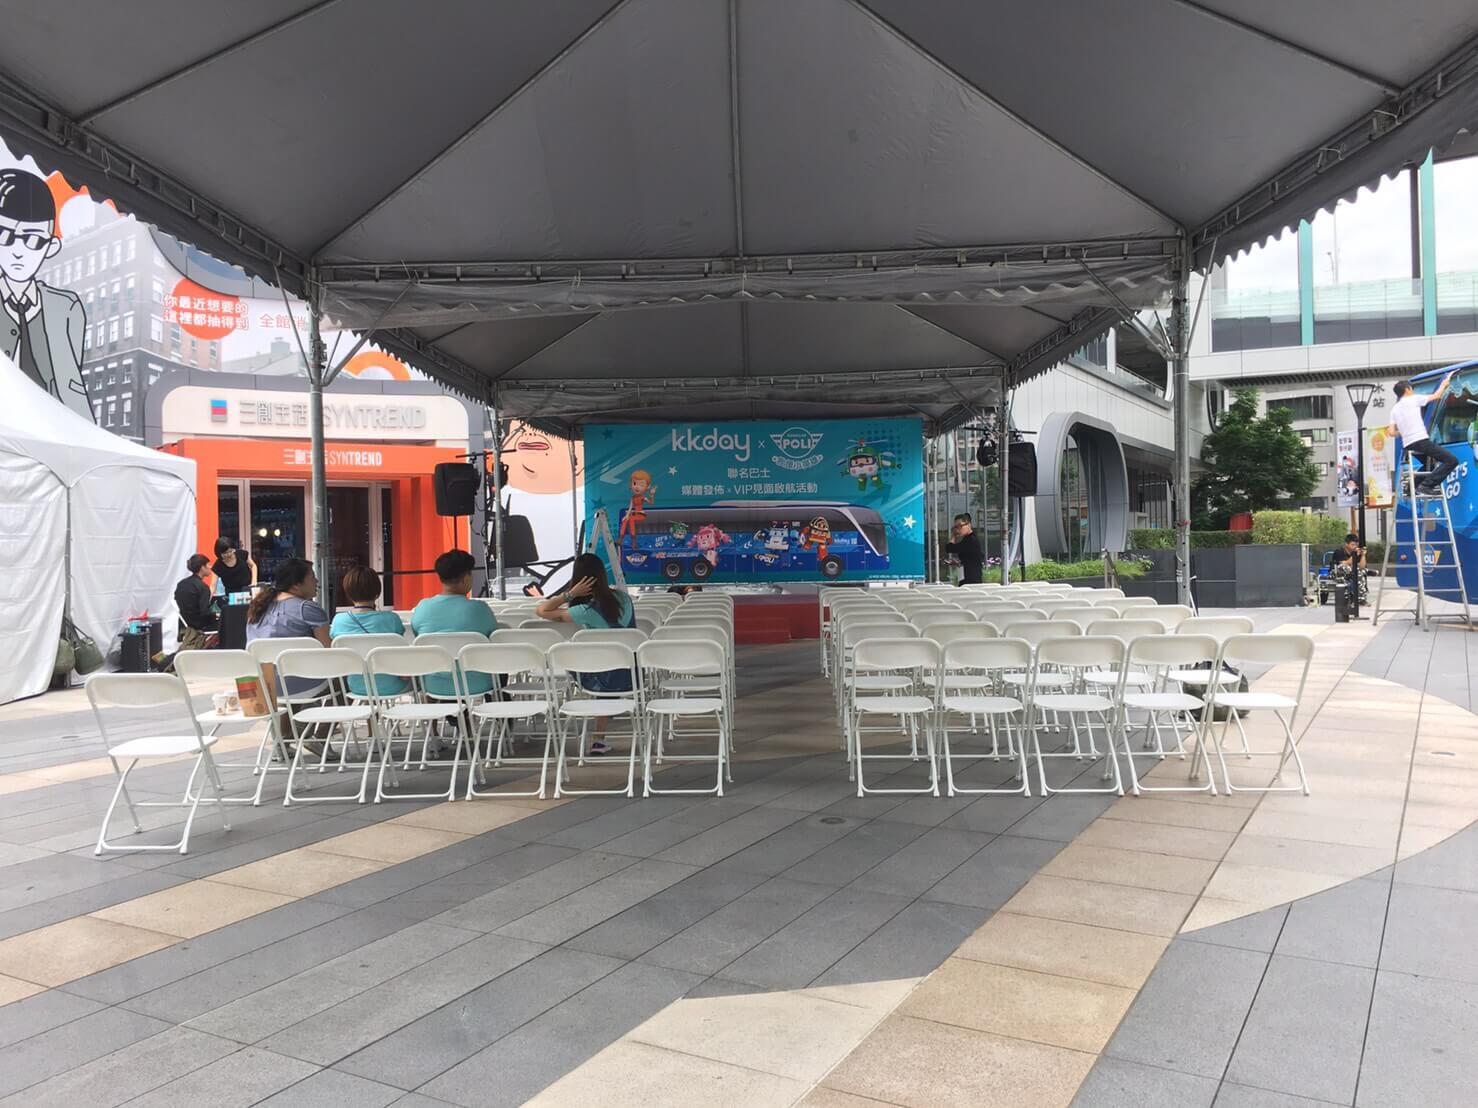 三創:KKday聯名巴士媒體發佈 VIP見面啟航活動 (傢具、舞台、地毯)